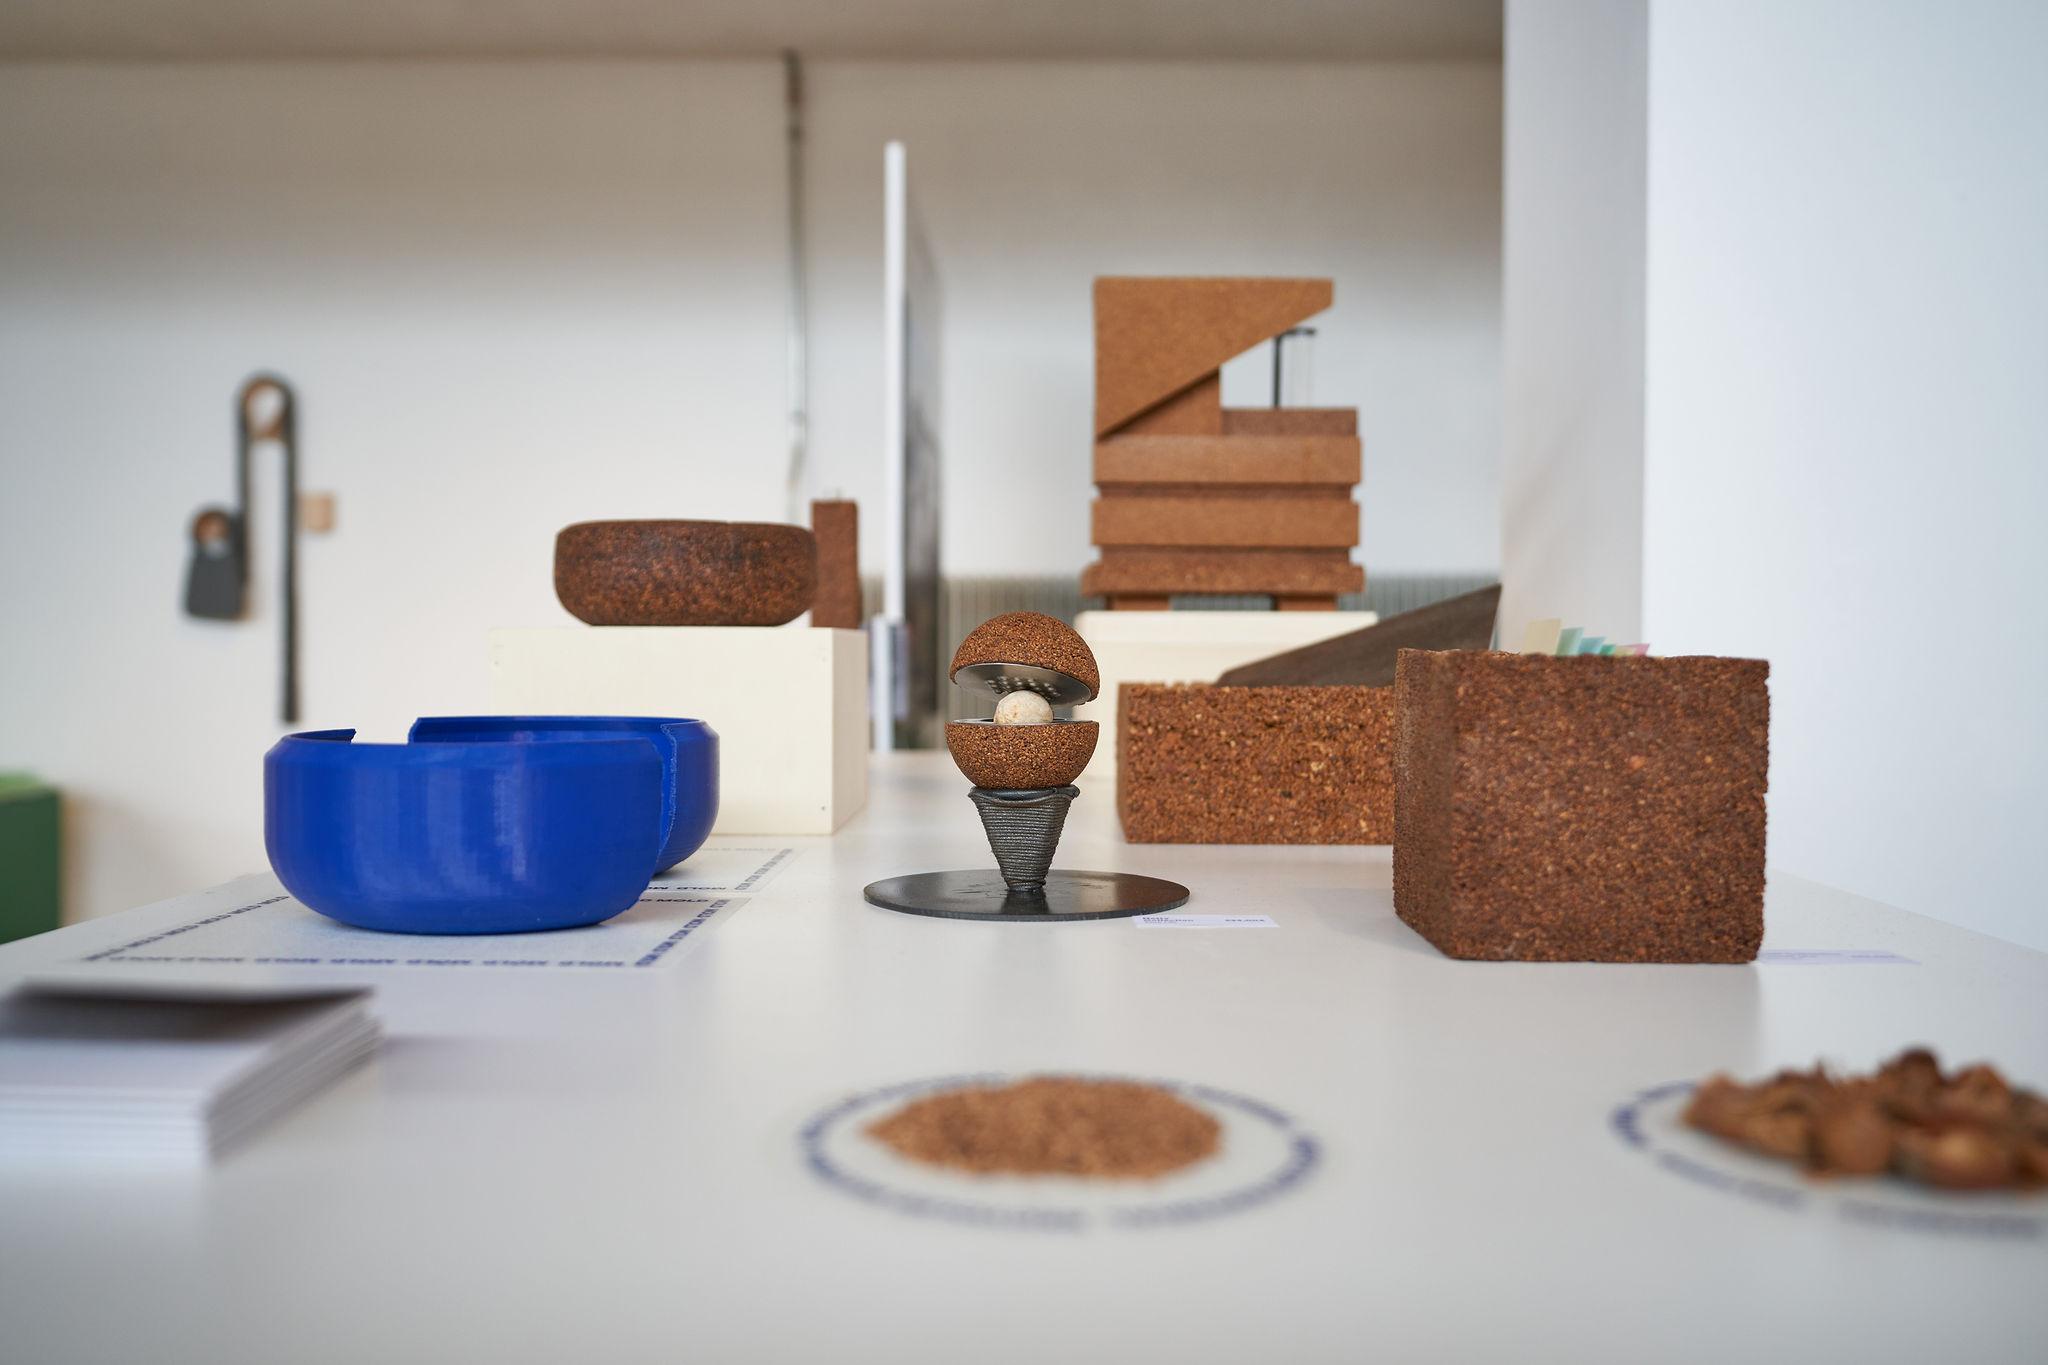 Isola Design District © Oscar Vinck - nuovo materiale di Pietro Petrillo. Courtesy Dutch Design Week